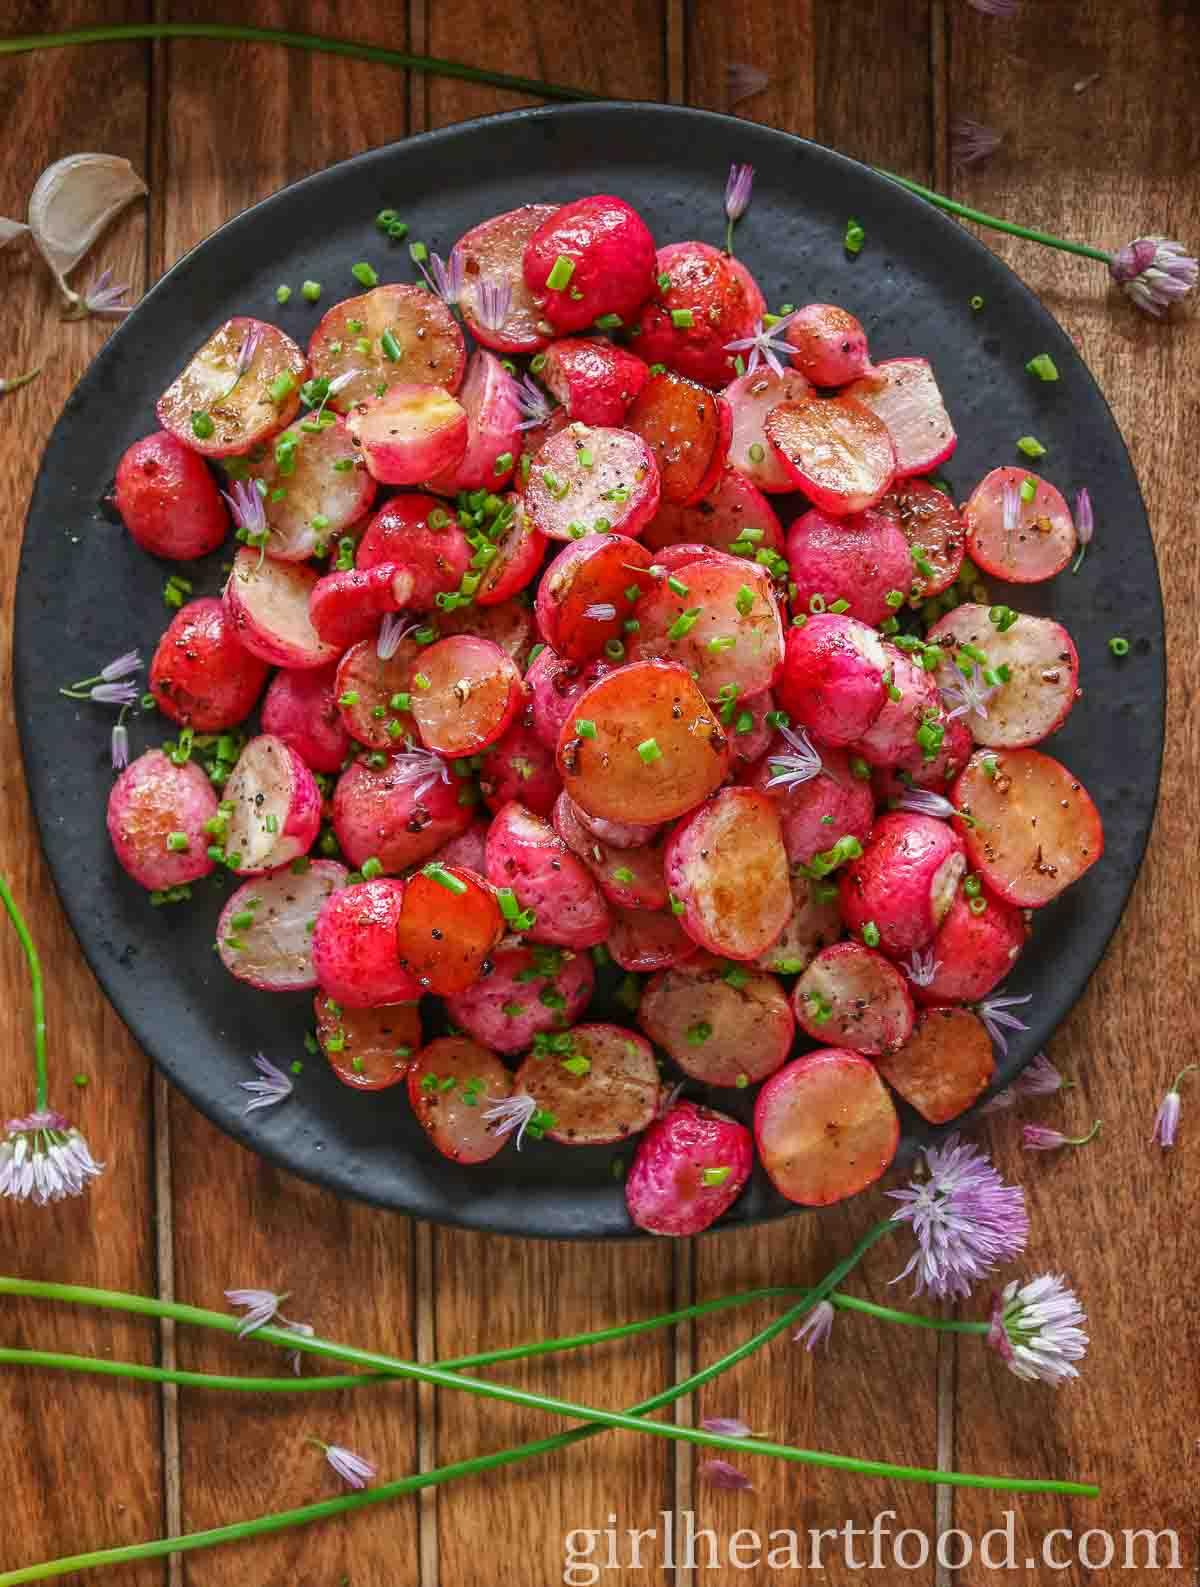 Black plate of roasted radishes alongside fresh chives.